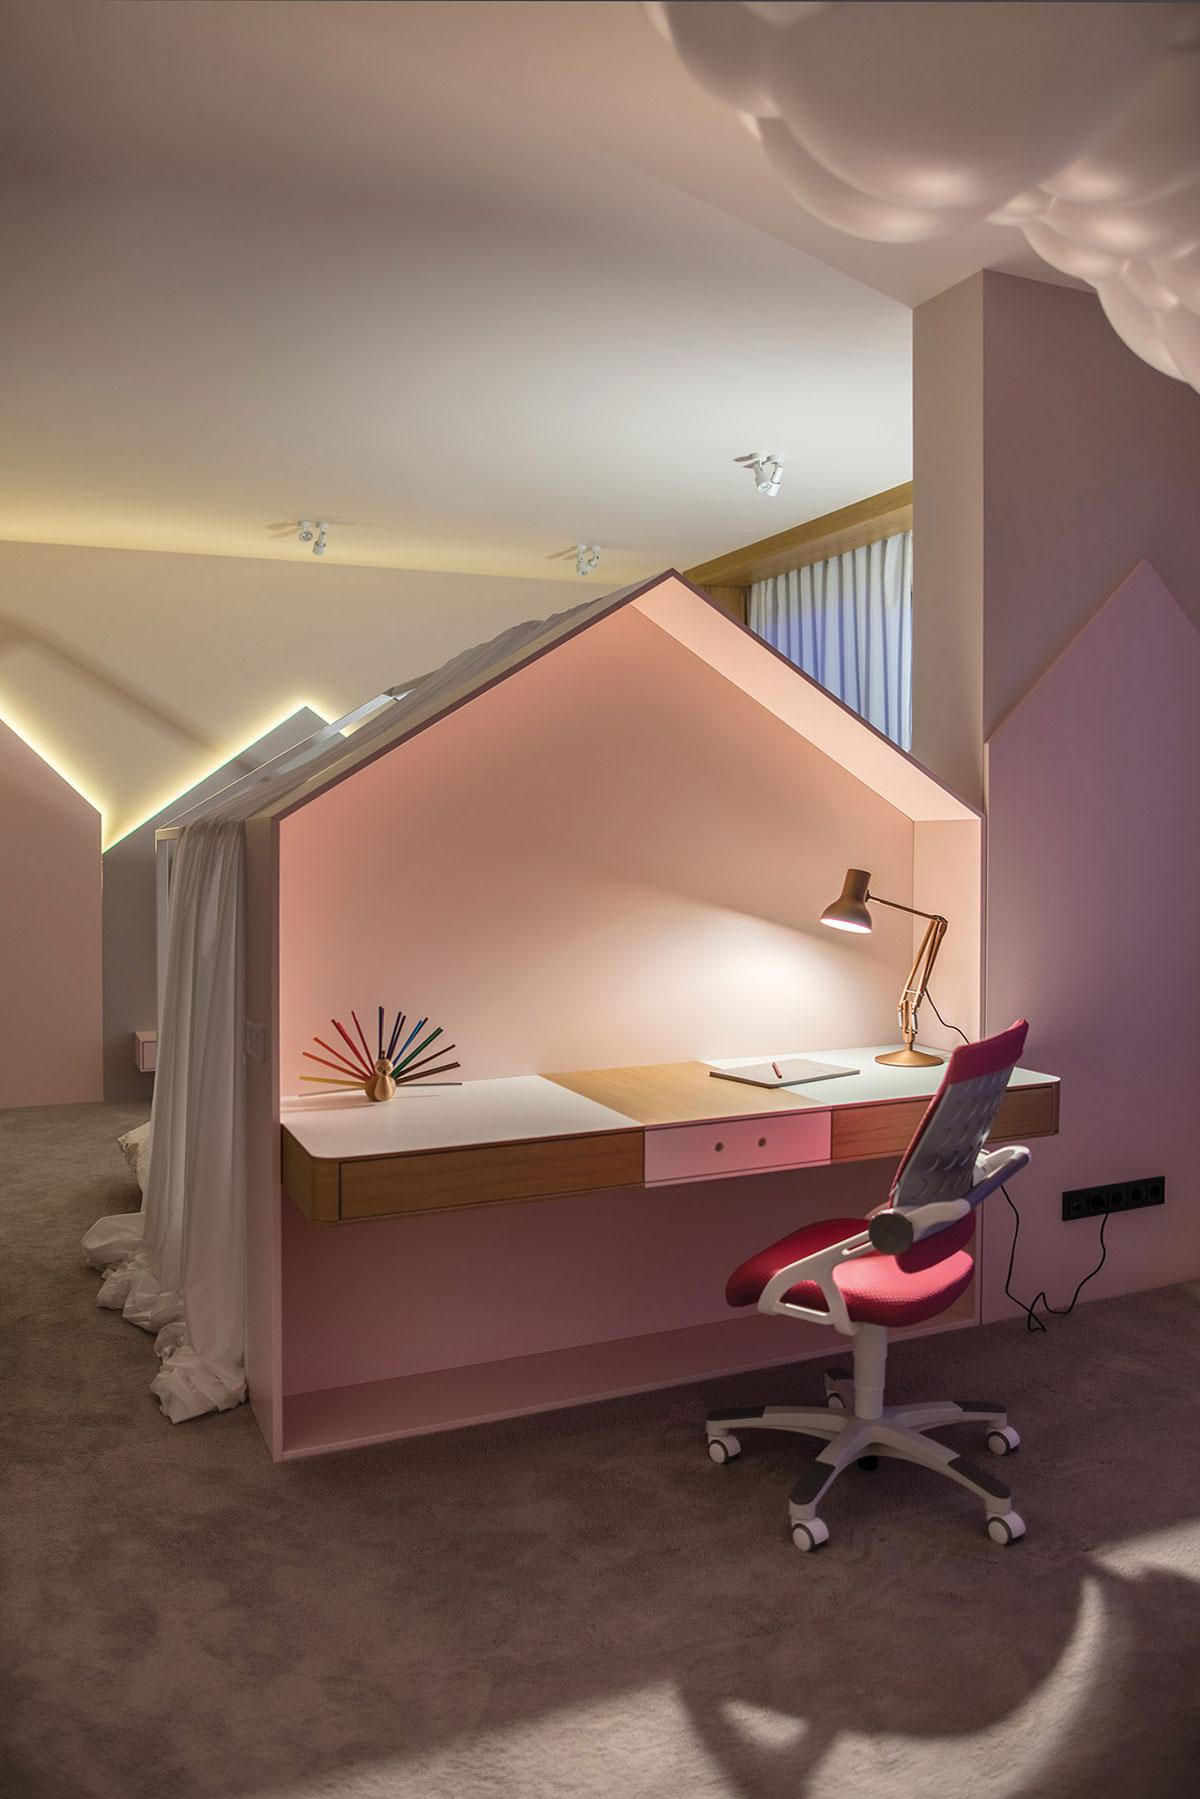 Bạn muốn ngồi làm việc yên tĩnh, hay muốn một không gian riêng biệt mẫu bàn này sẽ cho bạn cảm giác bàn làm việc là nhà. Chiếc bàn rành cho những ai chăm chỉ